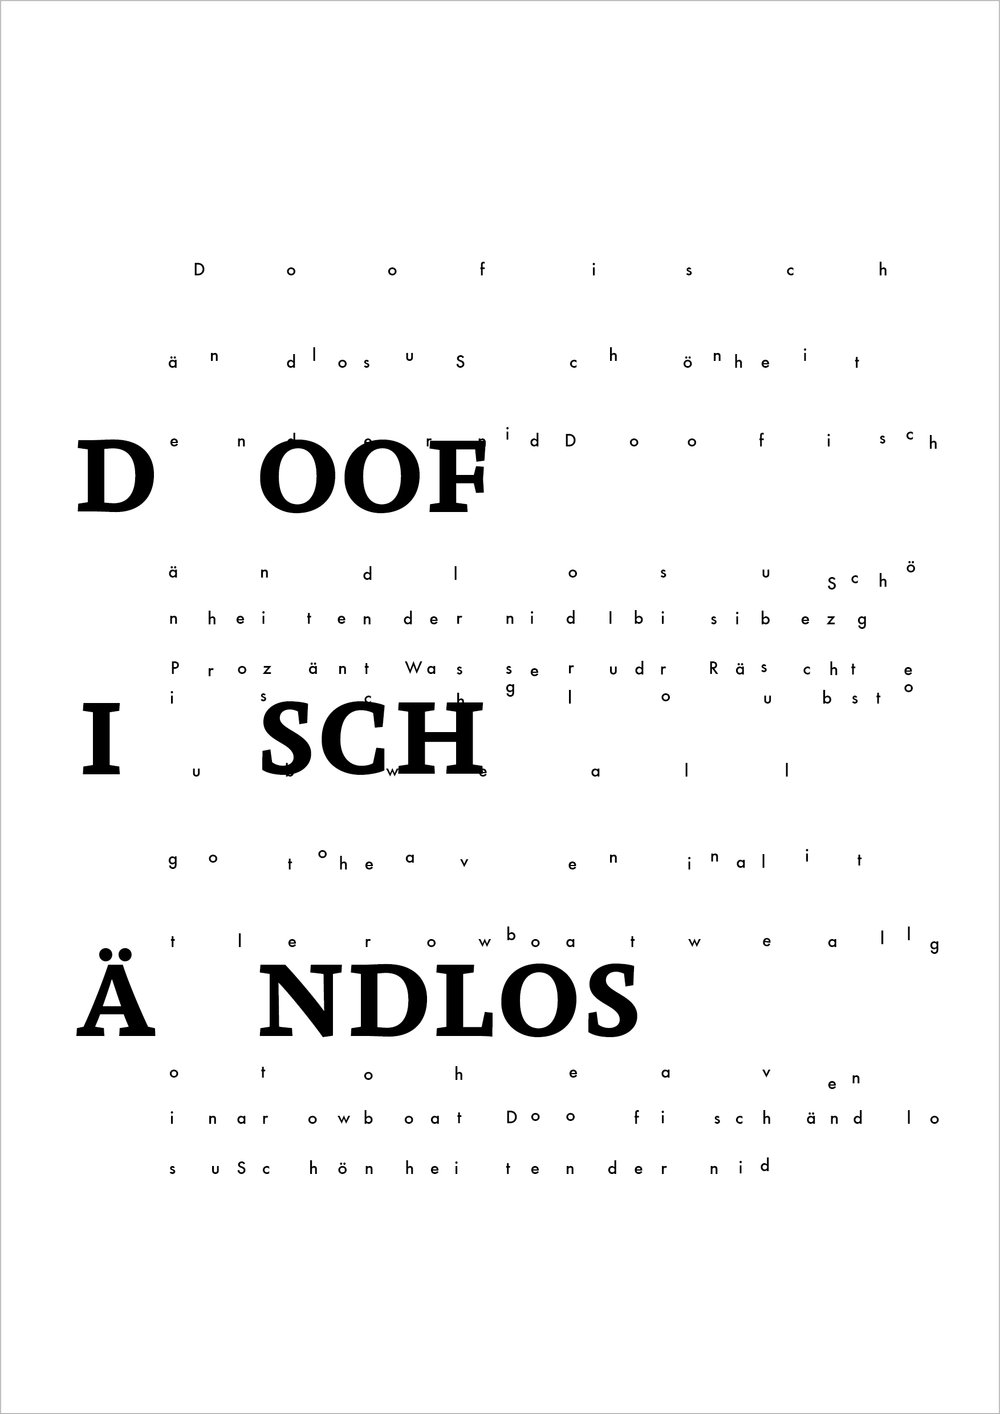 doofischandlos-experimentation2.jpg